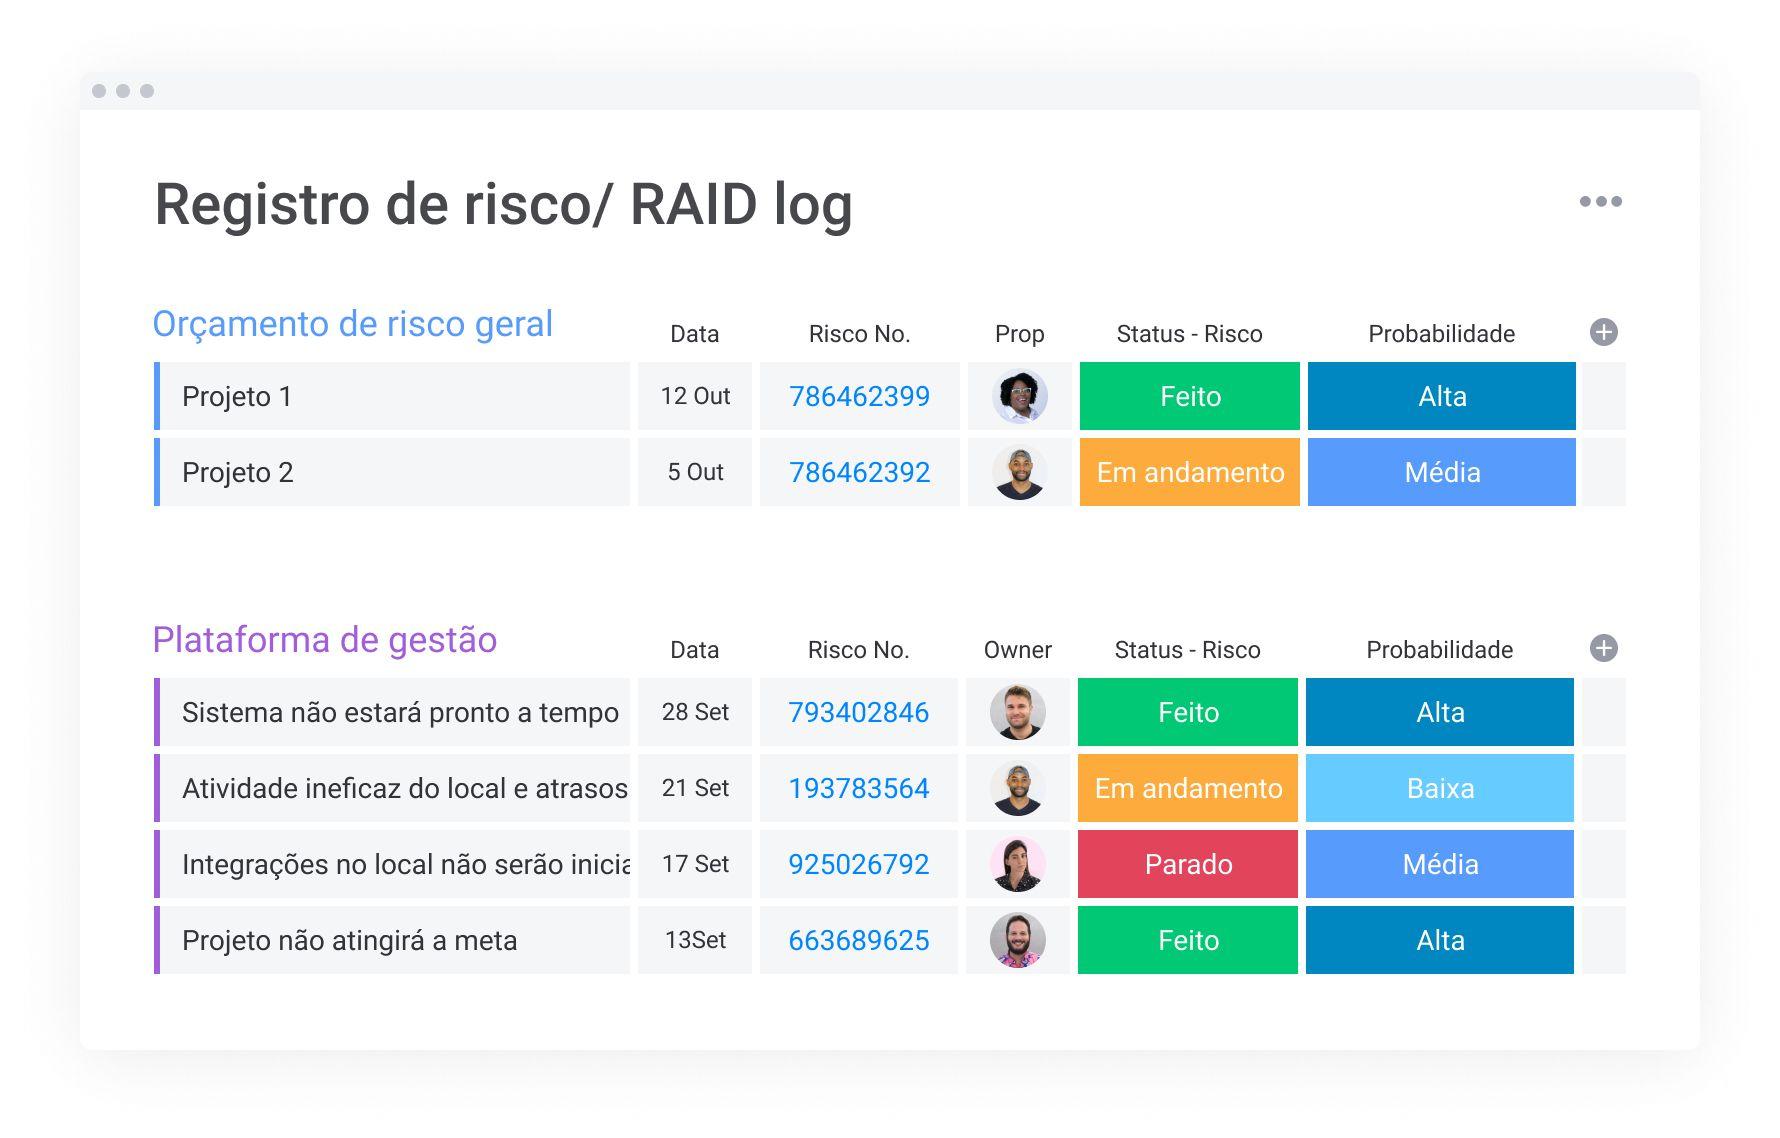 Registro de risco/ RAID log